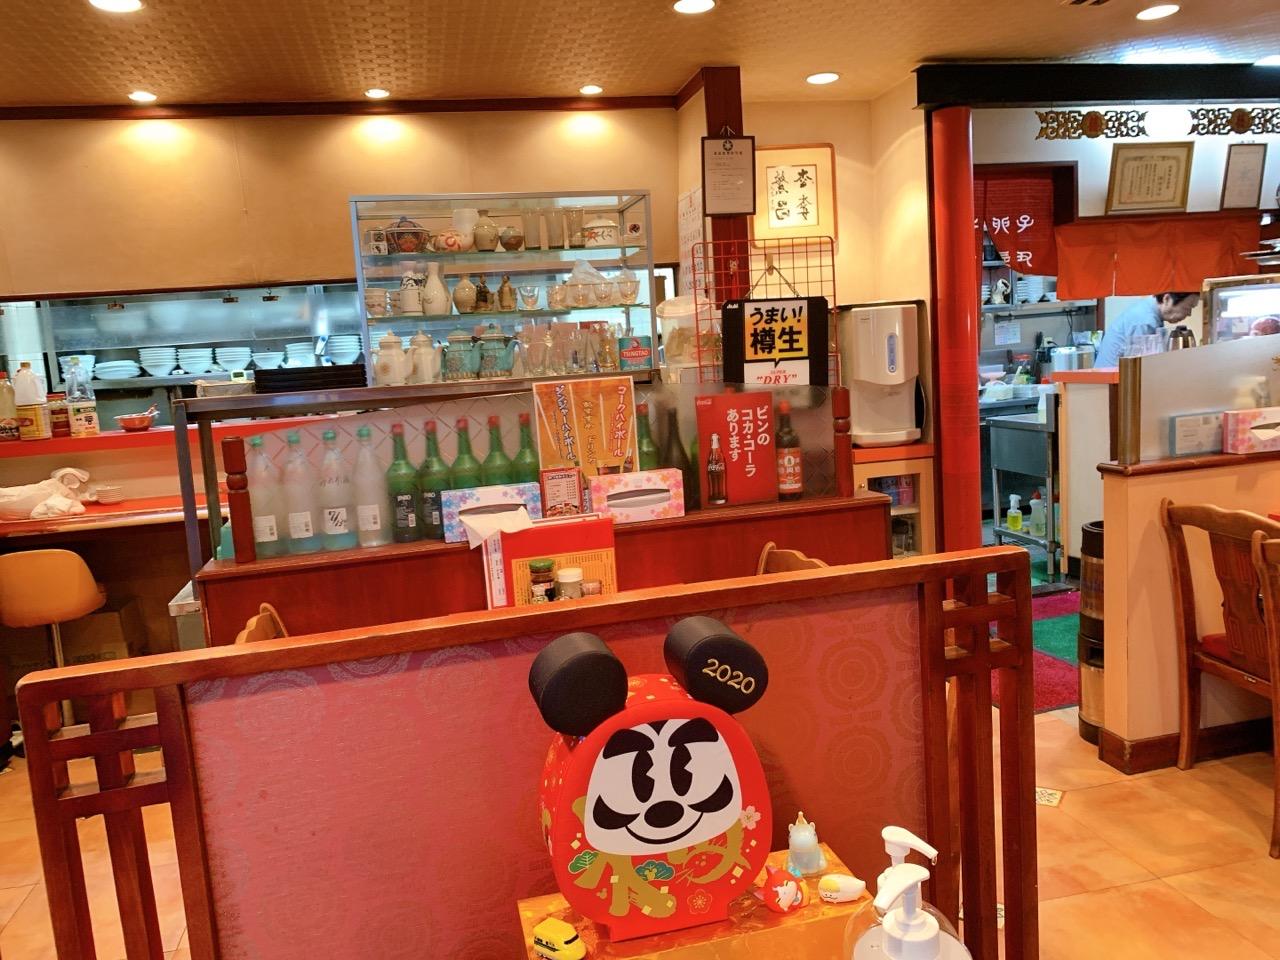 中華店「大八北珍」の雰囲気